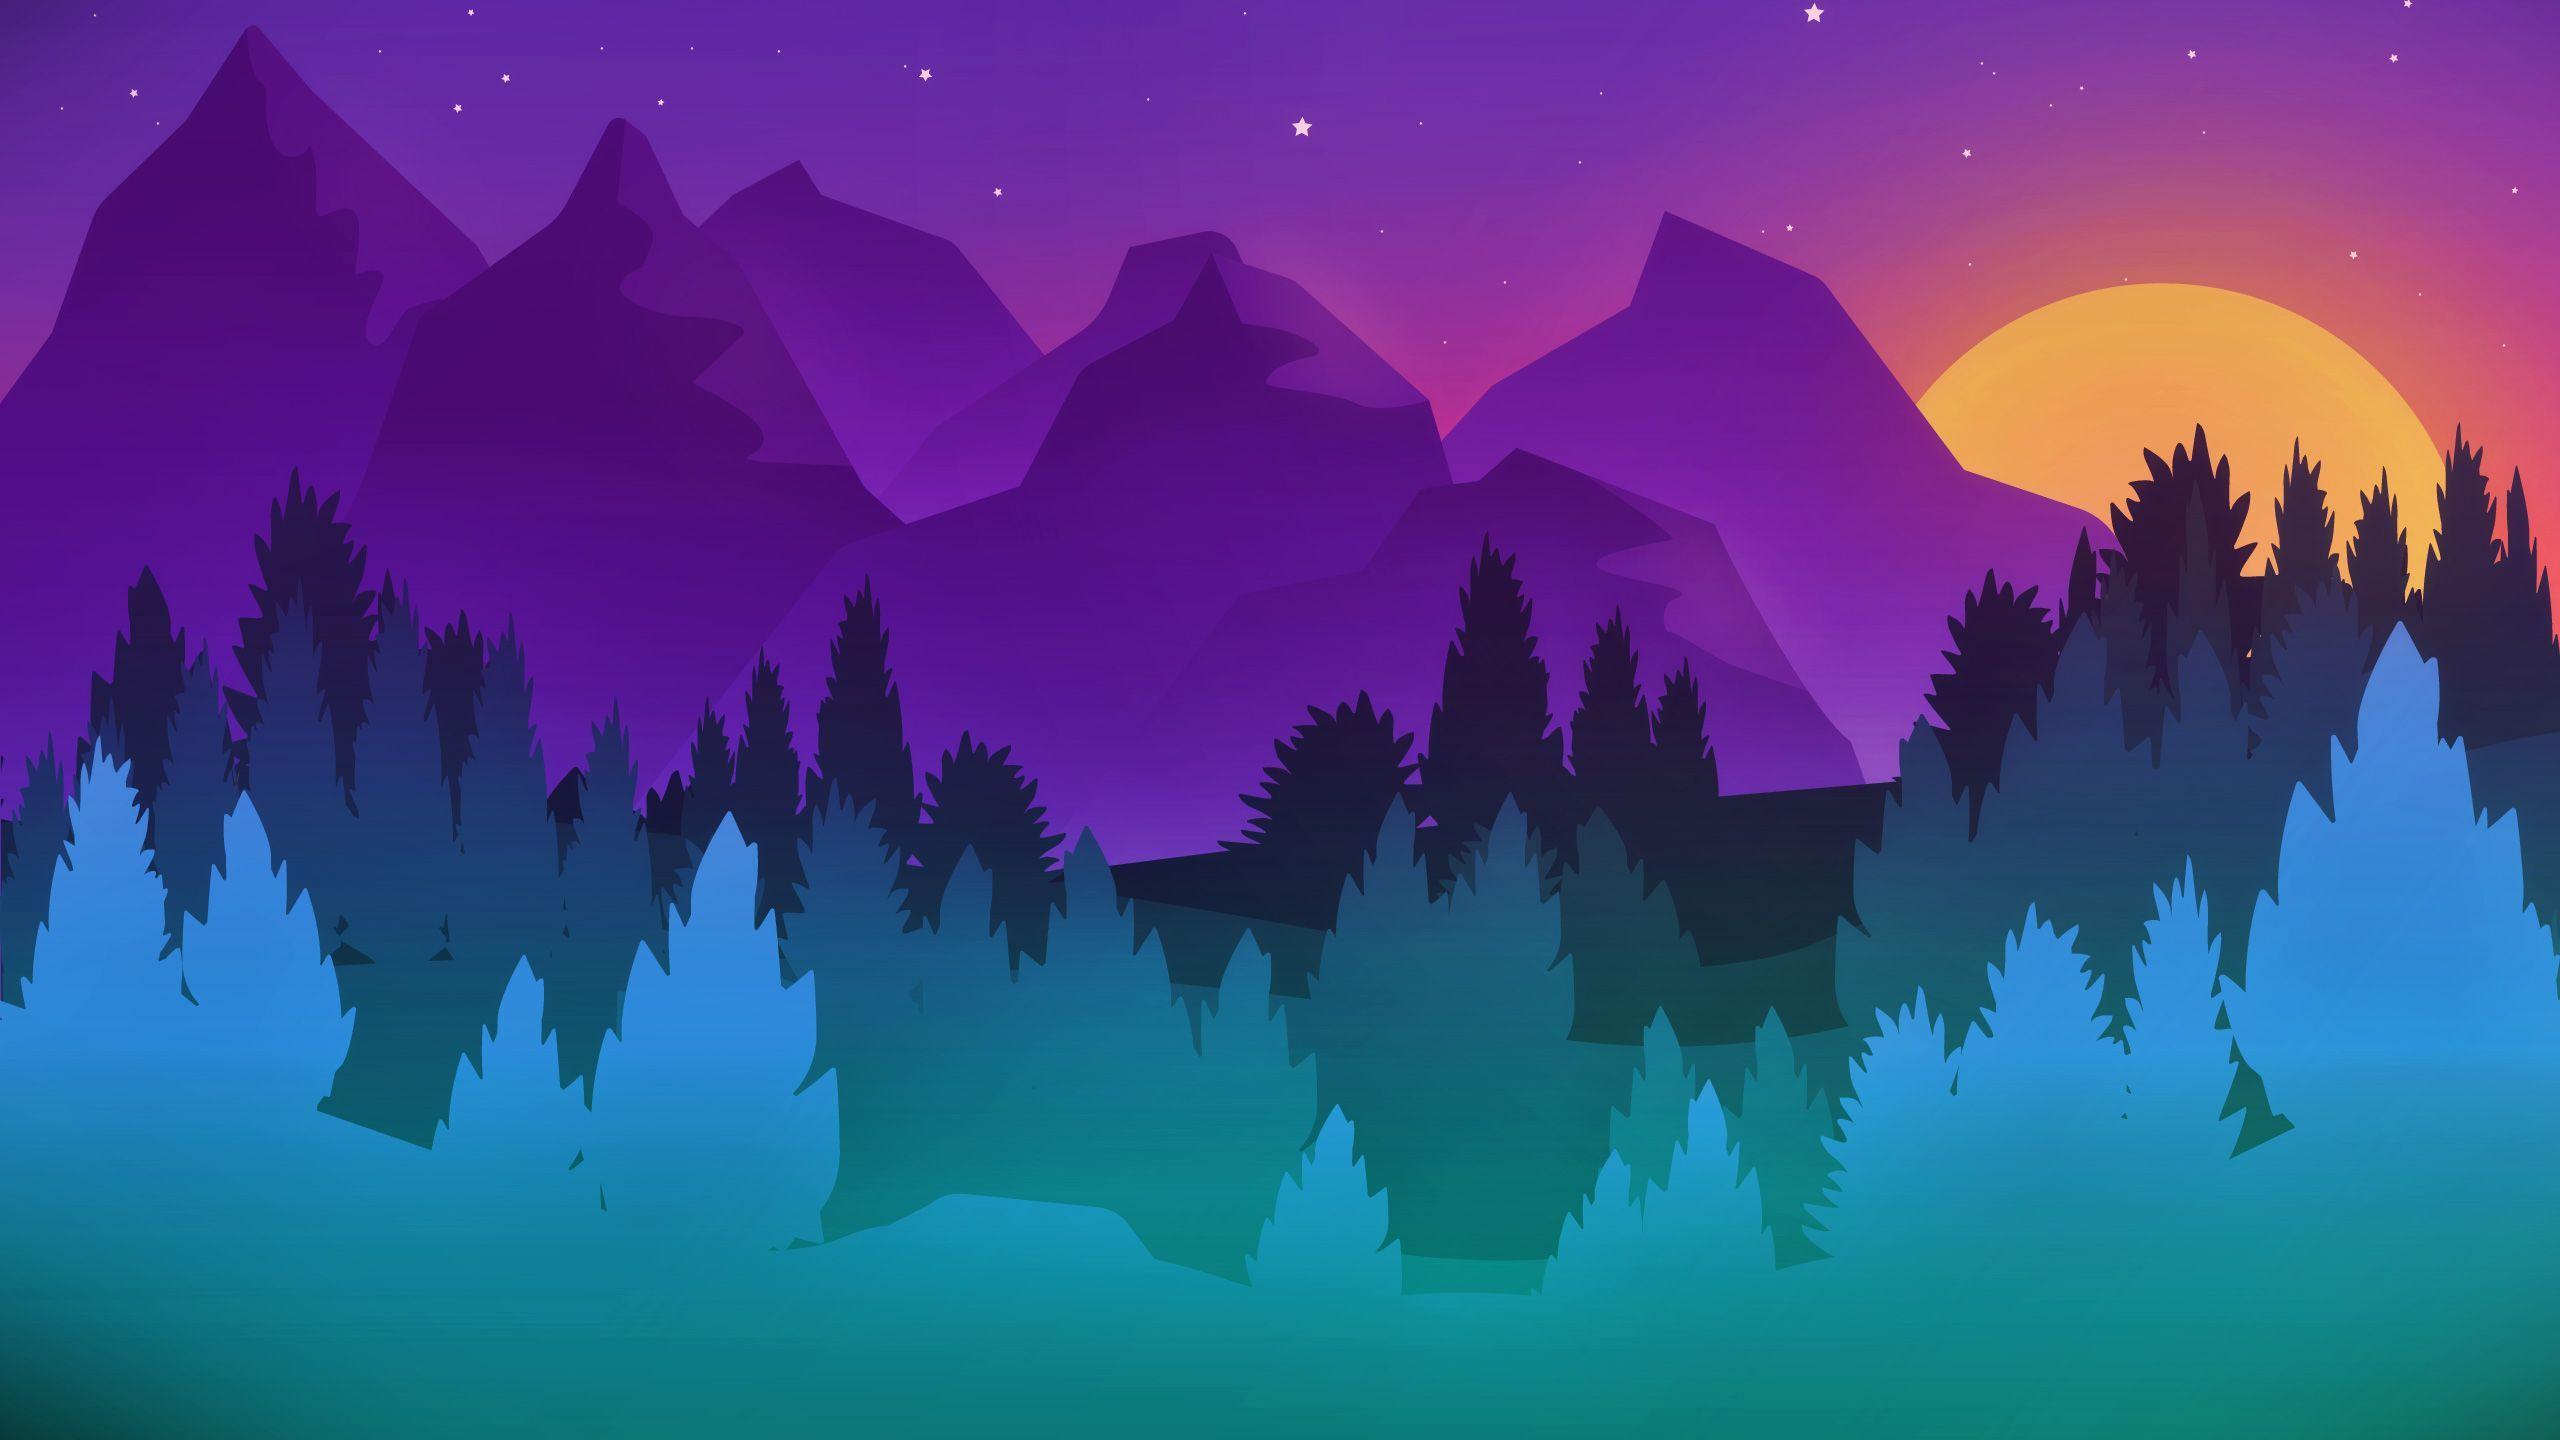 Colorful Minimalist Wallpaper 2560 X 1440 Art Wallpaper Minimalist Artwork Iphone Wallpaper Winter